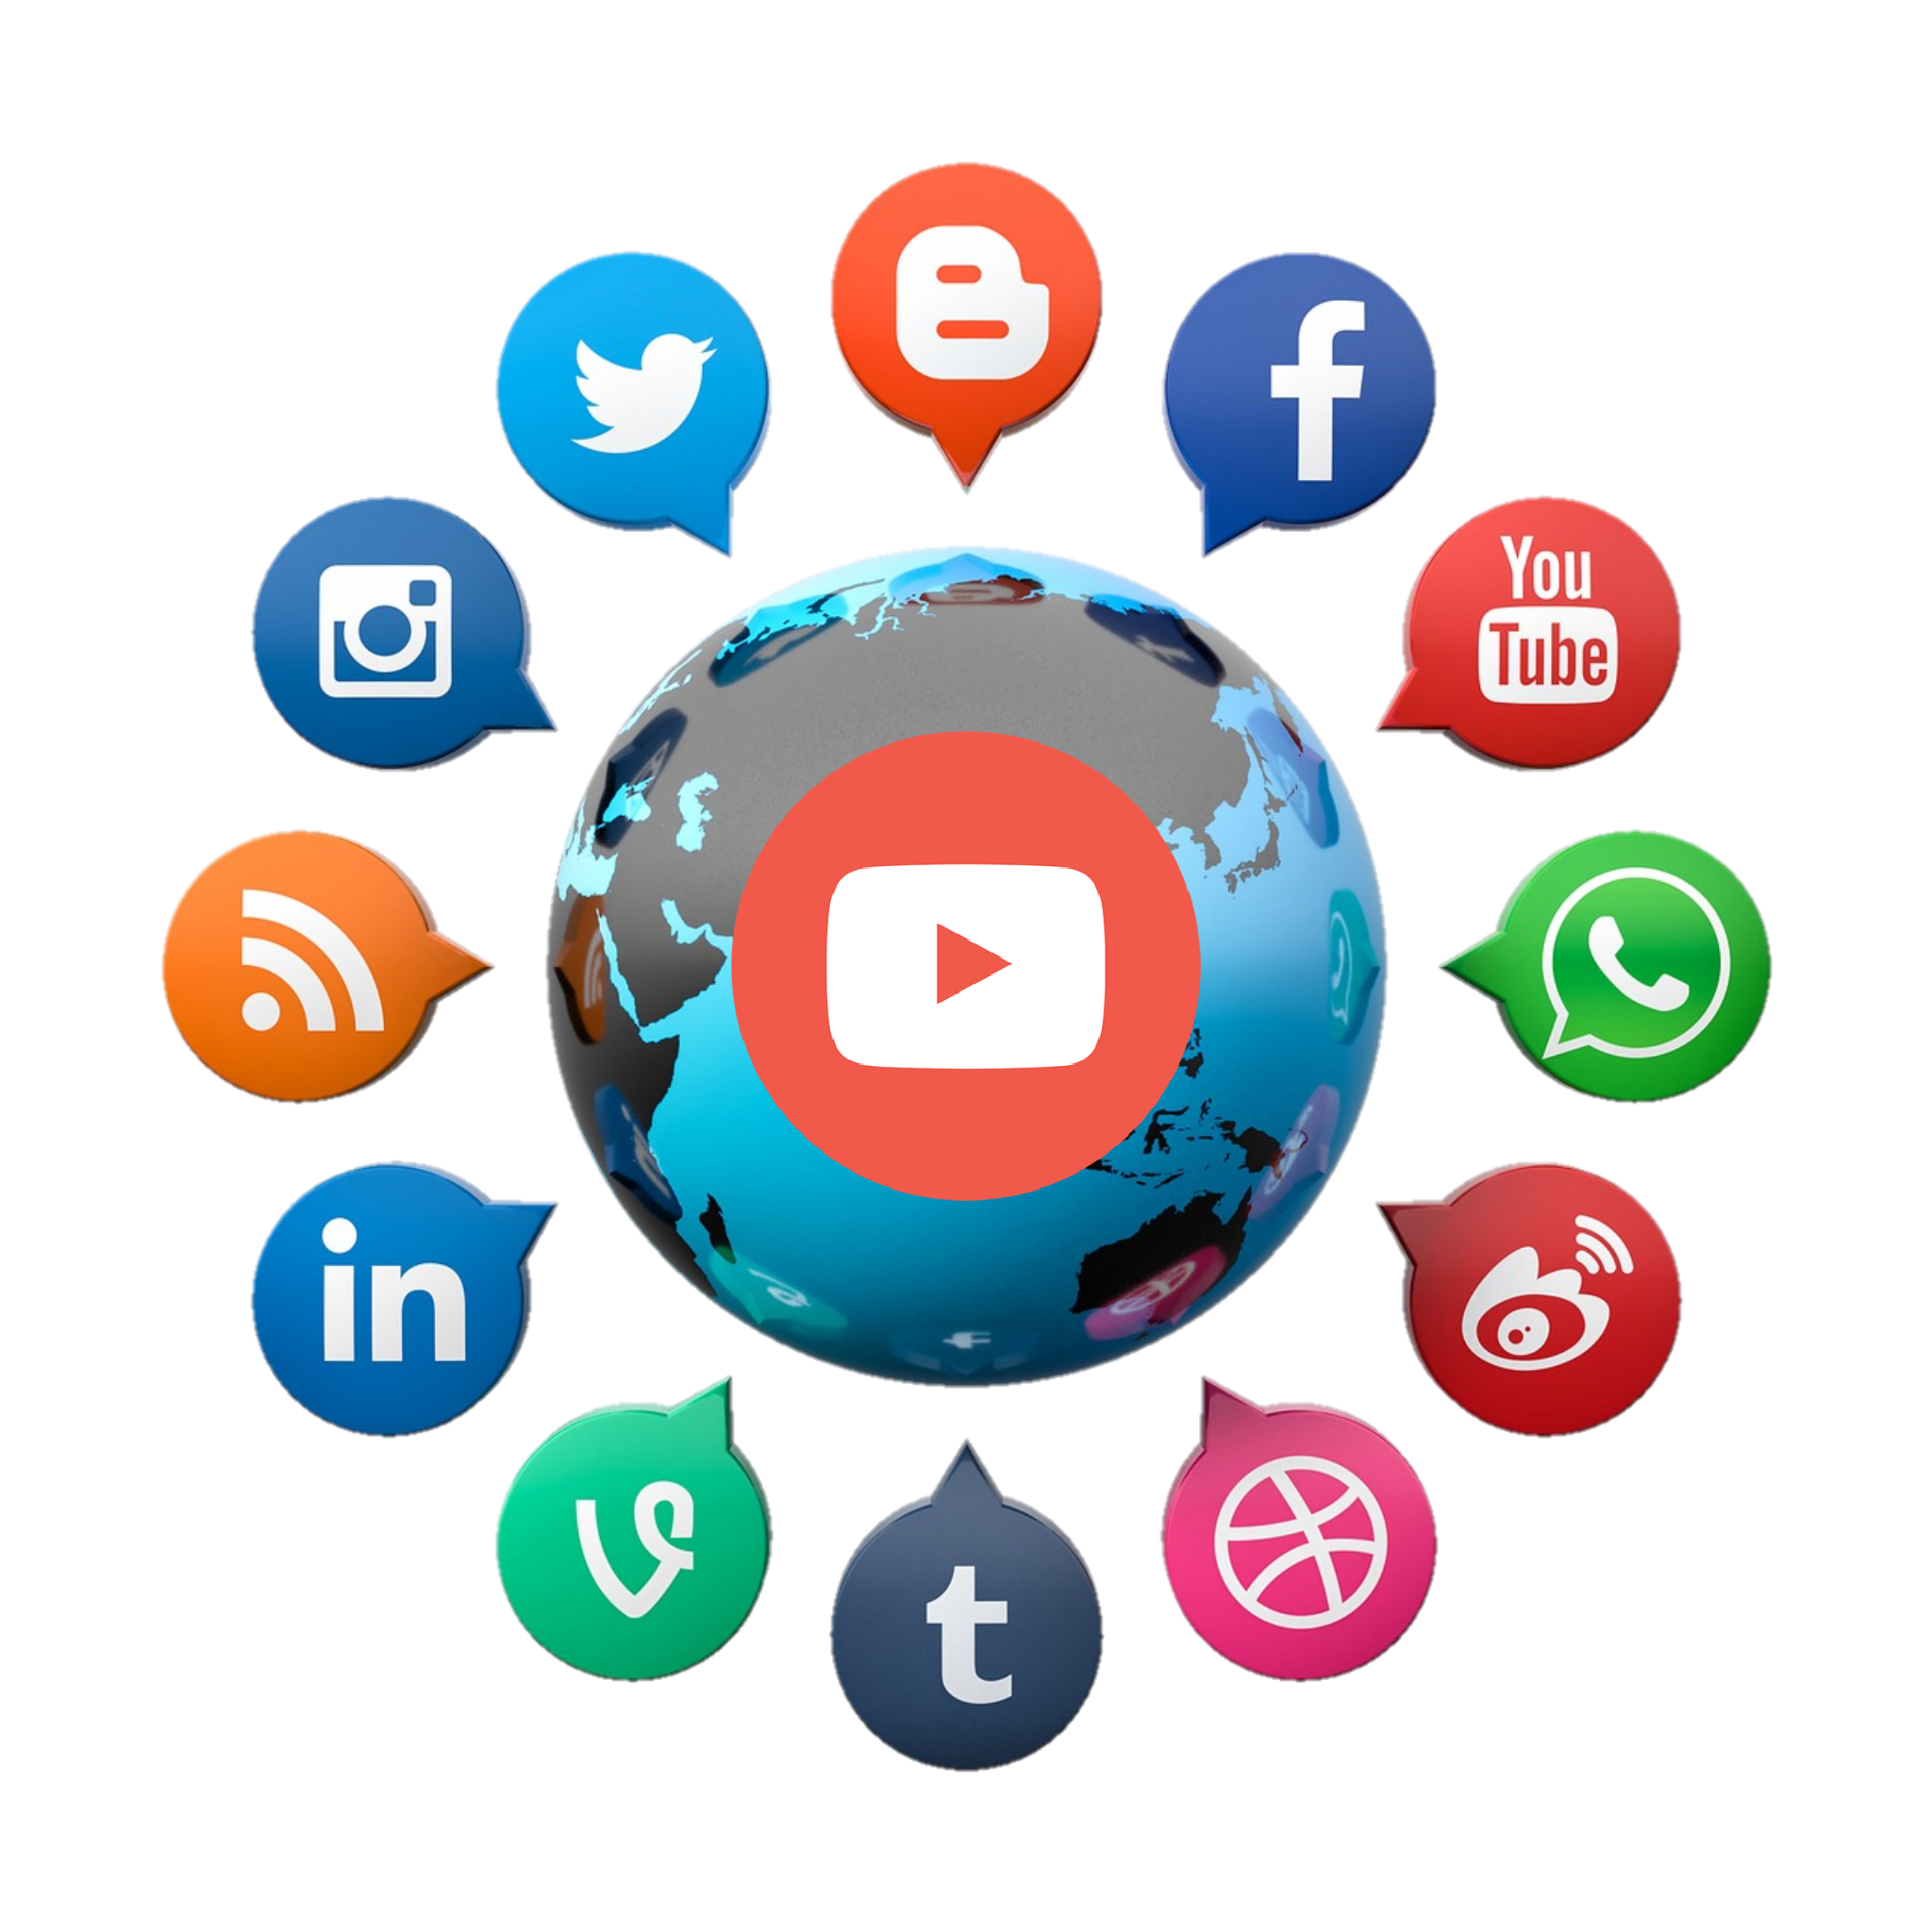 Social media marketing Social networking service.